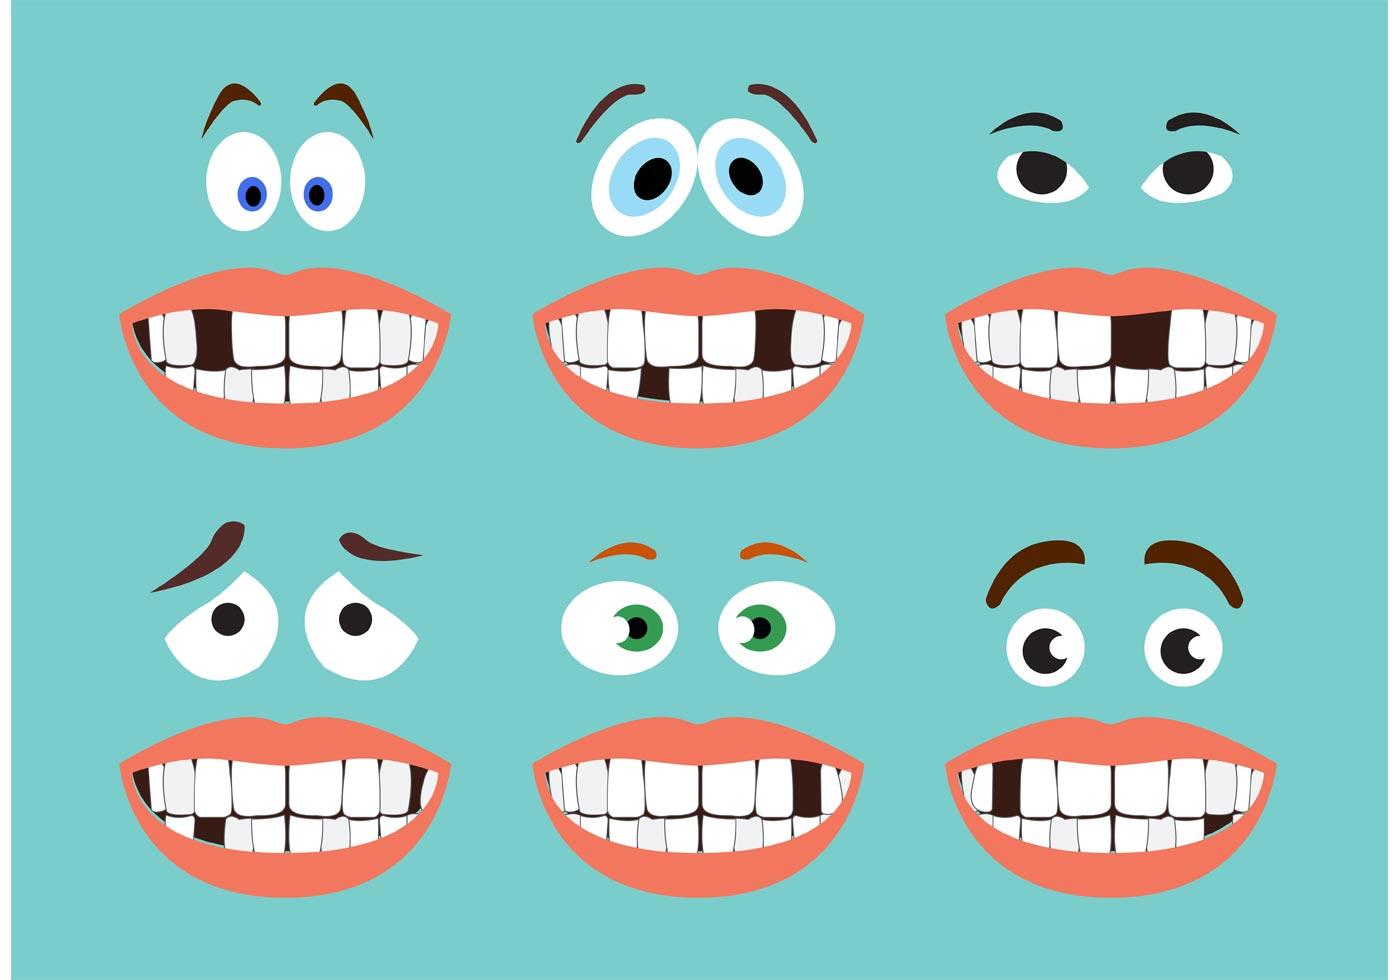 Funny Face Vectors - Download Free Vector Art, Stock ...